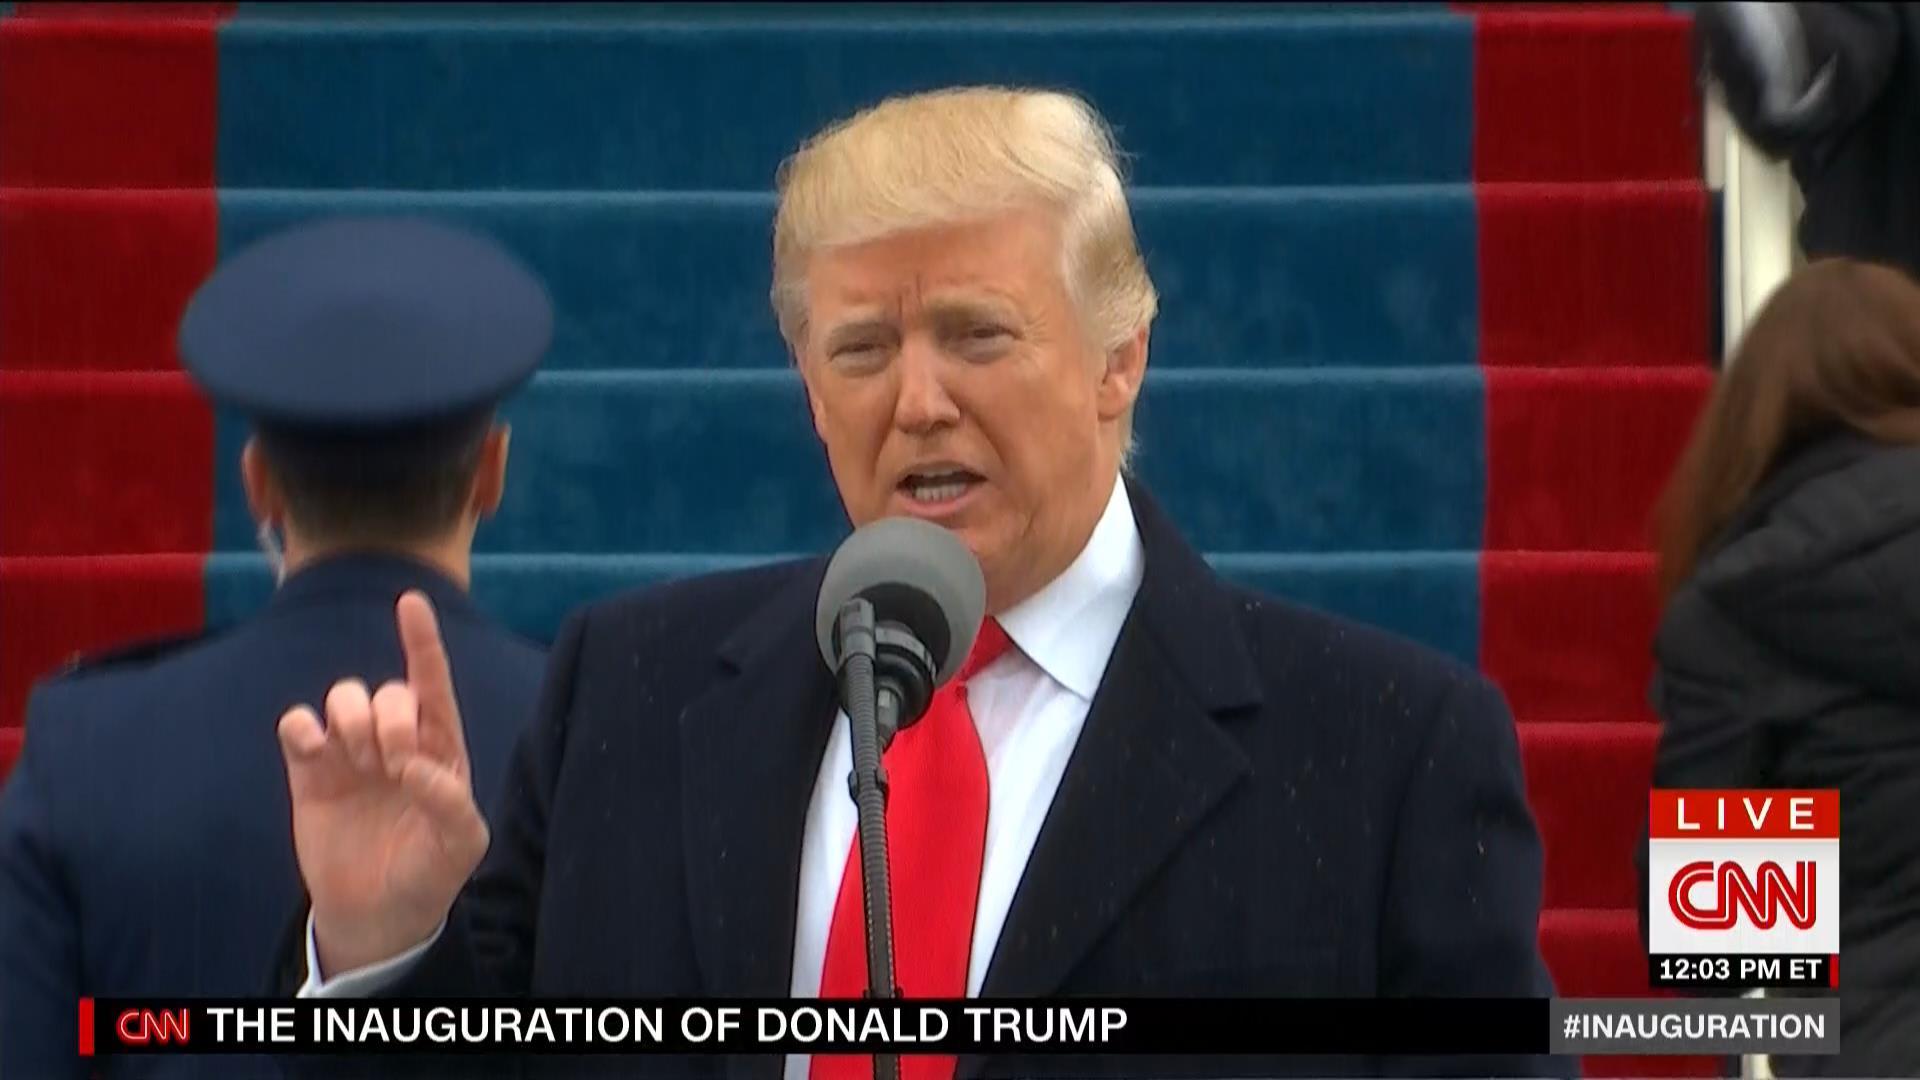 """ترامب في خطاب توليه الرئاسة: سنوّحد العالم ضد """"التطرف الإسلامي"""" وسنزيله من على وجه الأرض"""